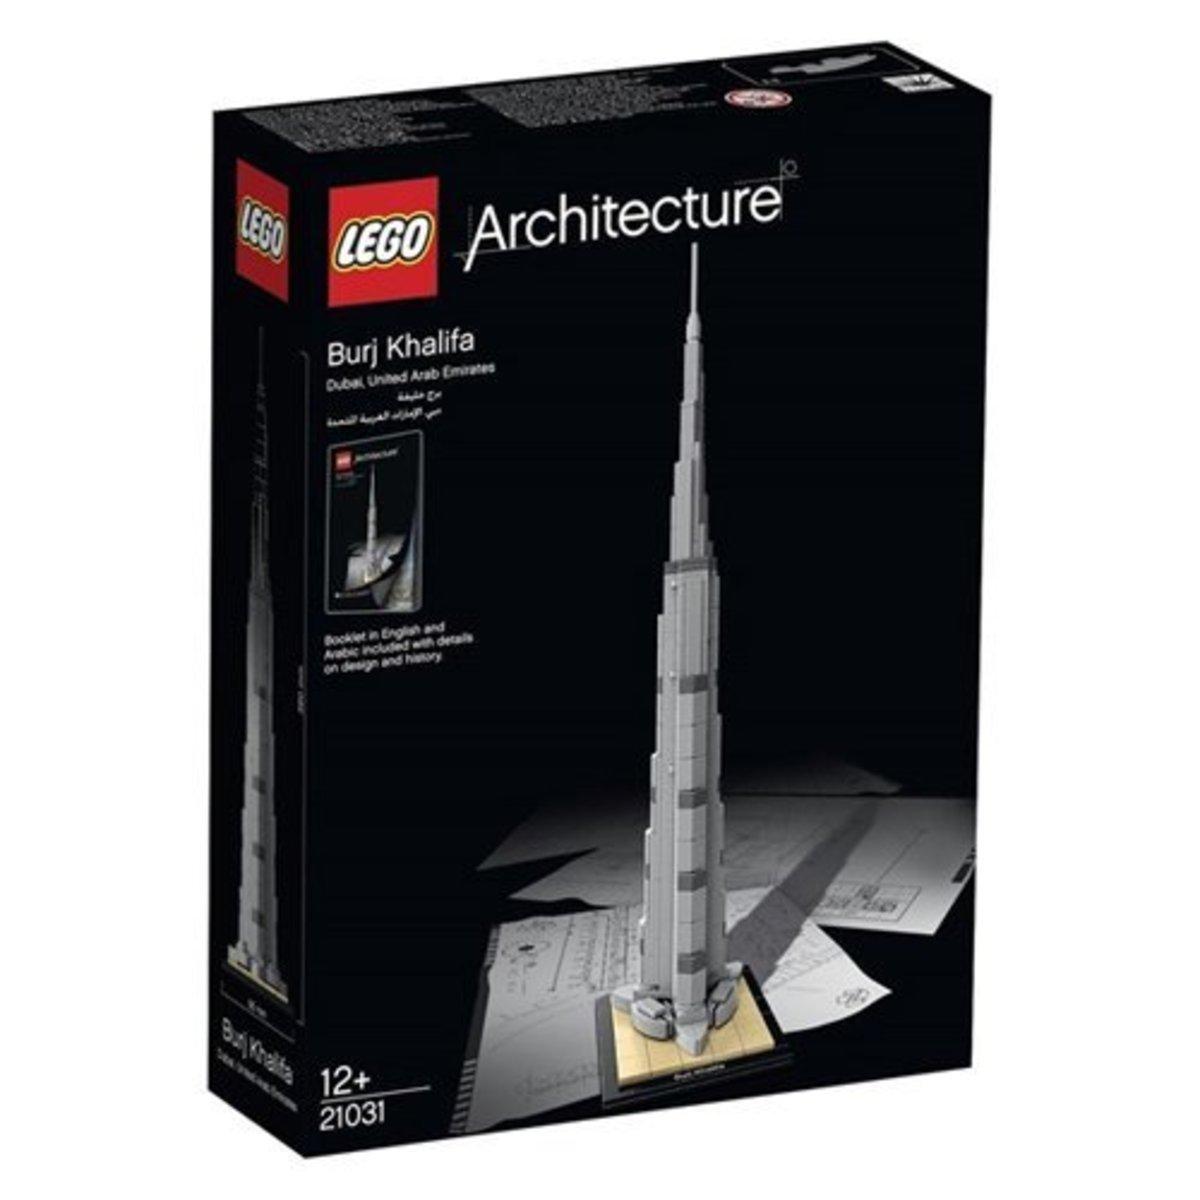 21031 Architecture 哈利法塔